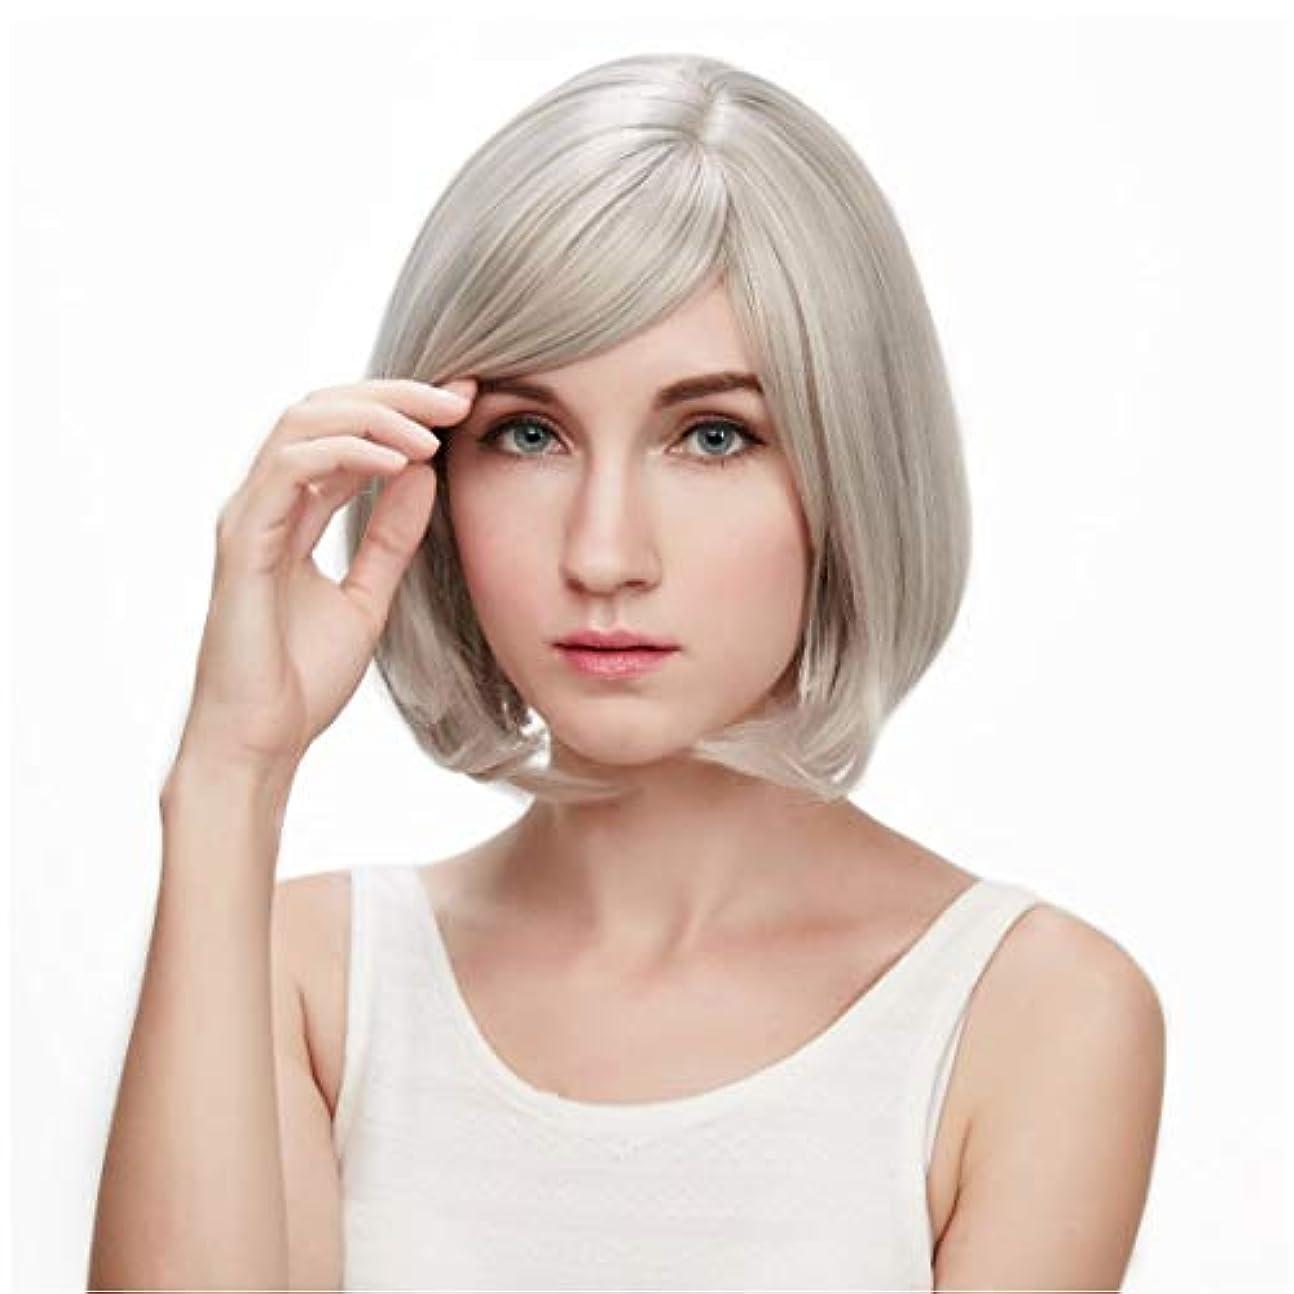 ピュー作物含意Kerwinner 本物の髪として自然な女性のための平らな前髪の合成かつらとストレートショートボブの髪かつら